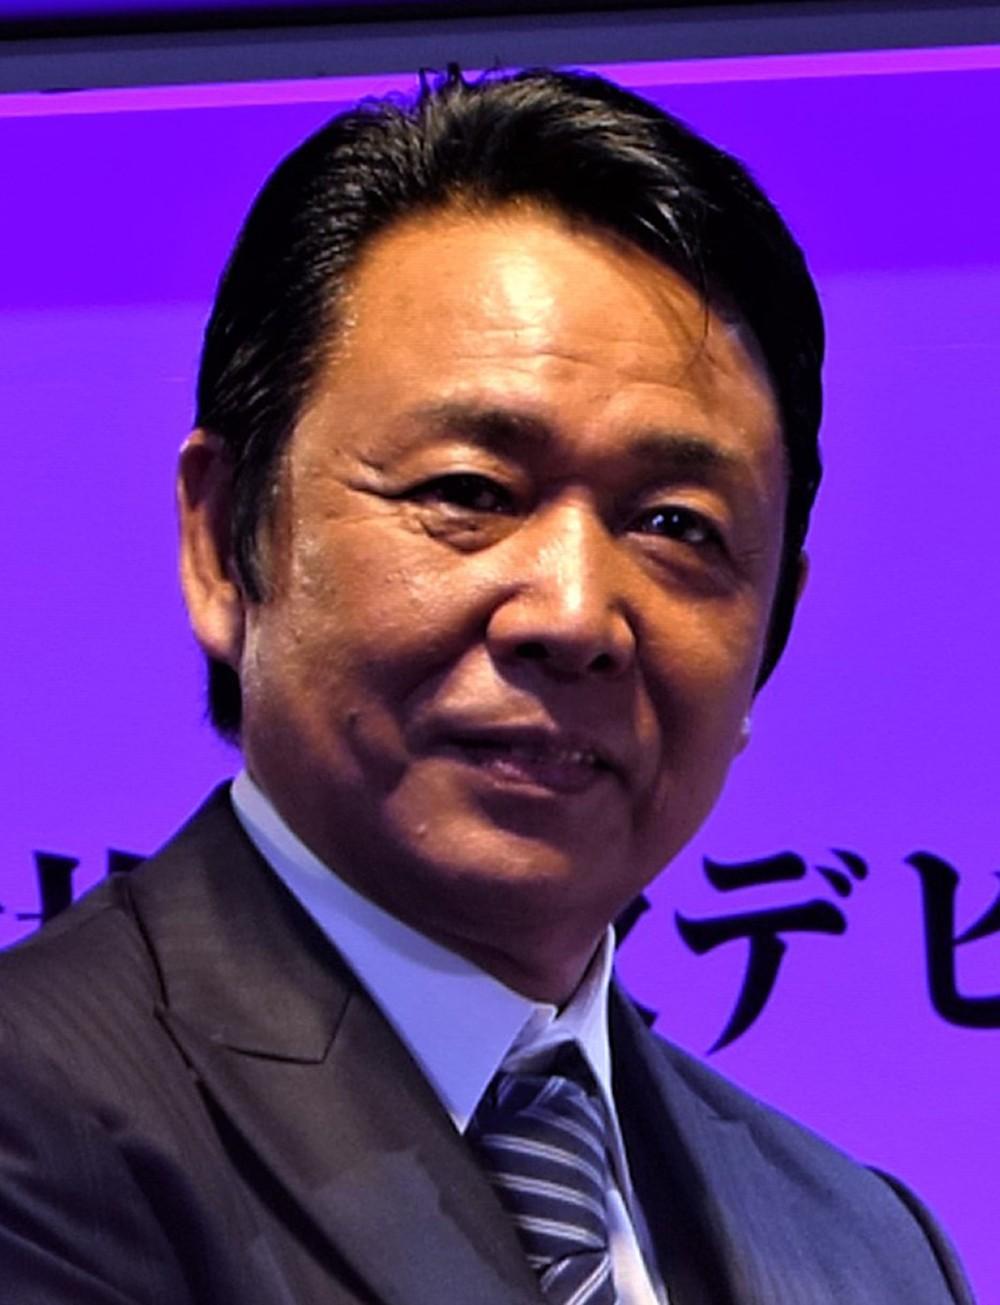 【芸能】山本譲二 保釈の新井浩文被告に「芸能界復帰なんてとんでもない話。俺がさせん」